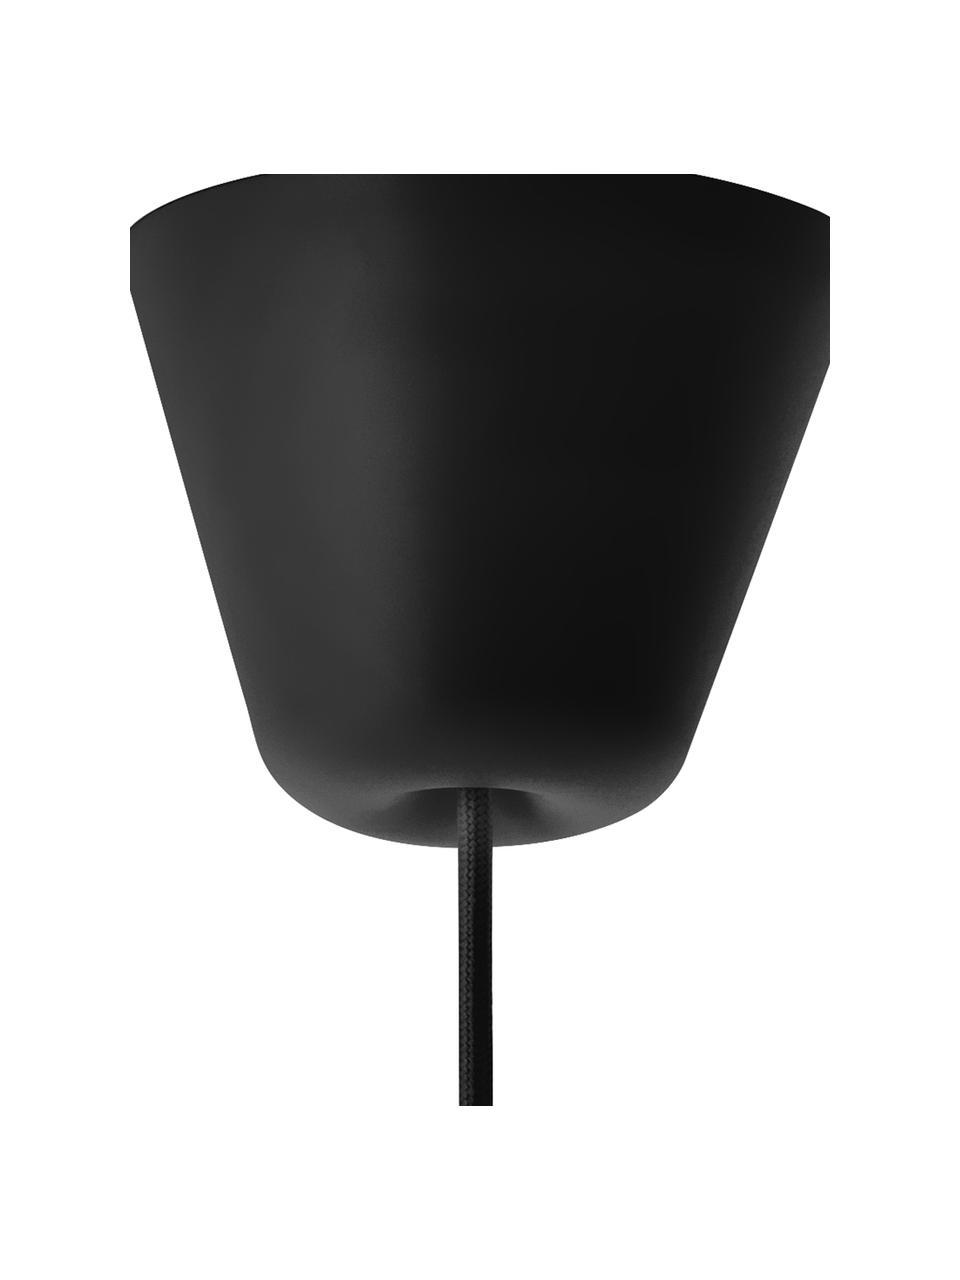 Lampa wisząca ze skórzanym paskiem Strap, Czarny, Ø 27 x W 25 cm